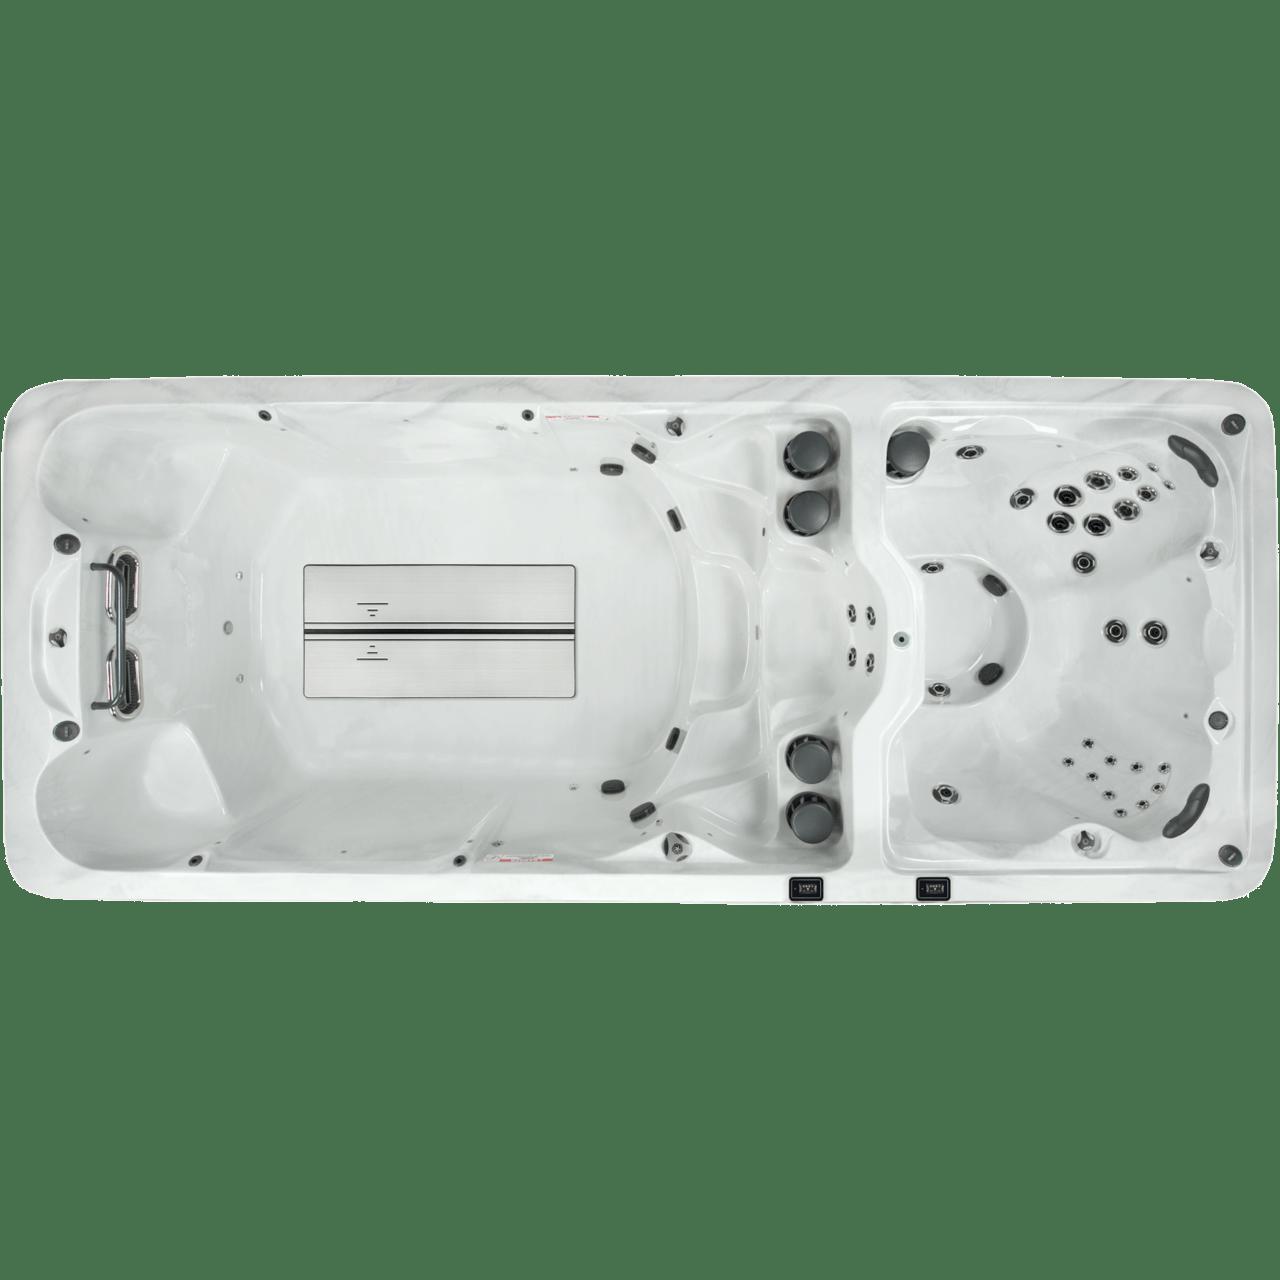 PowerPool DM8 Swim Spa & Hot Tub